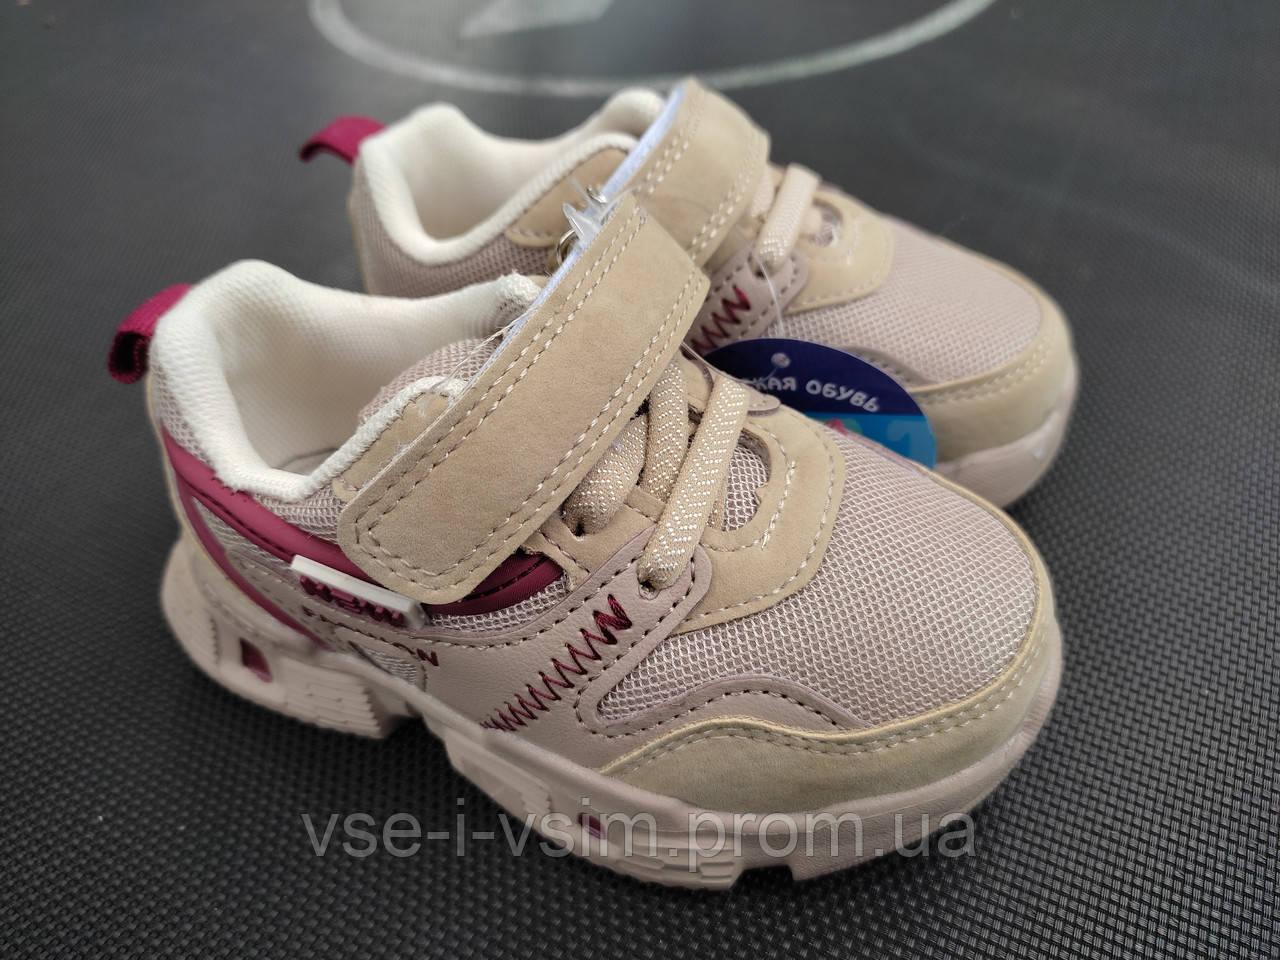 Кросівки для хлопчика 25 р устілка 15,5 см